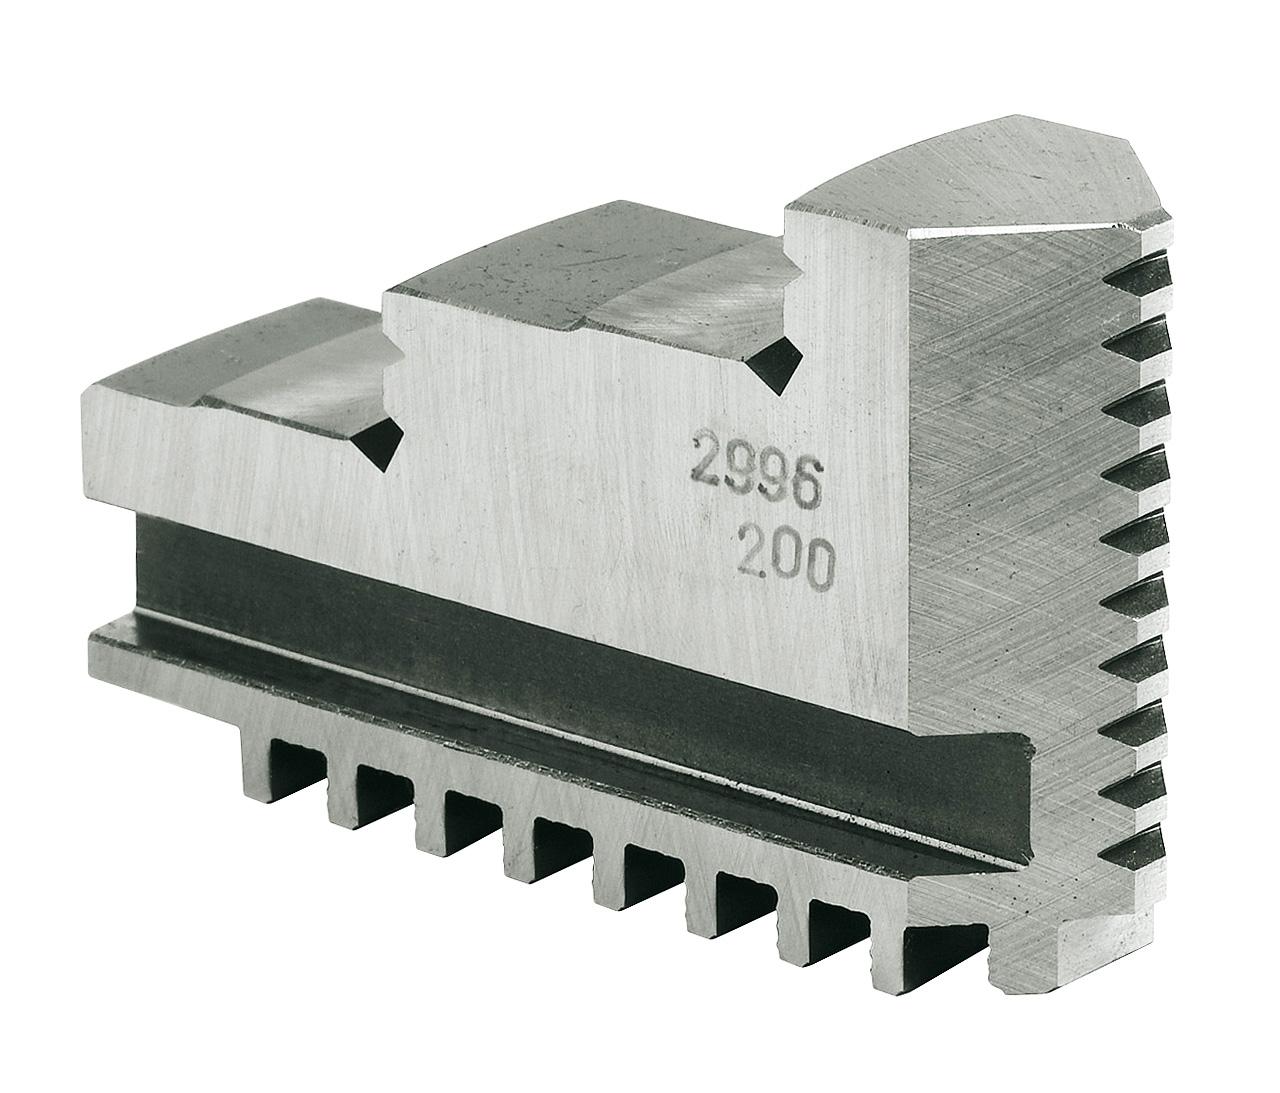 Szczęki jednolite twarde zewnętrzne - komplet DOJ-DK11-250 BERNARDO